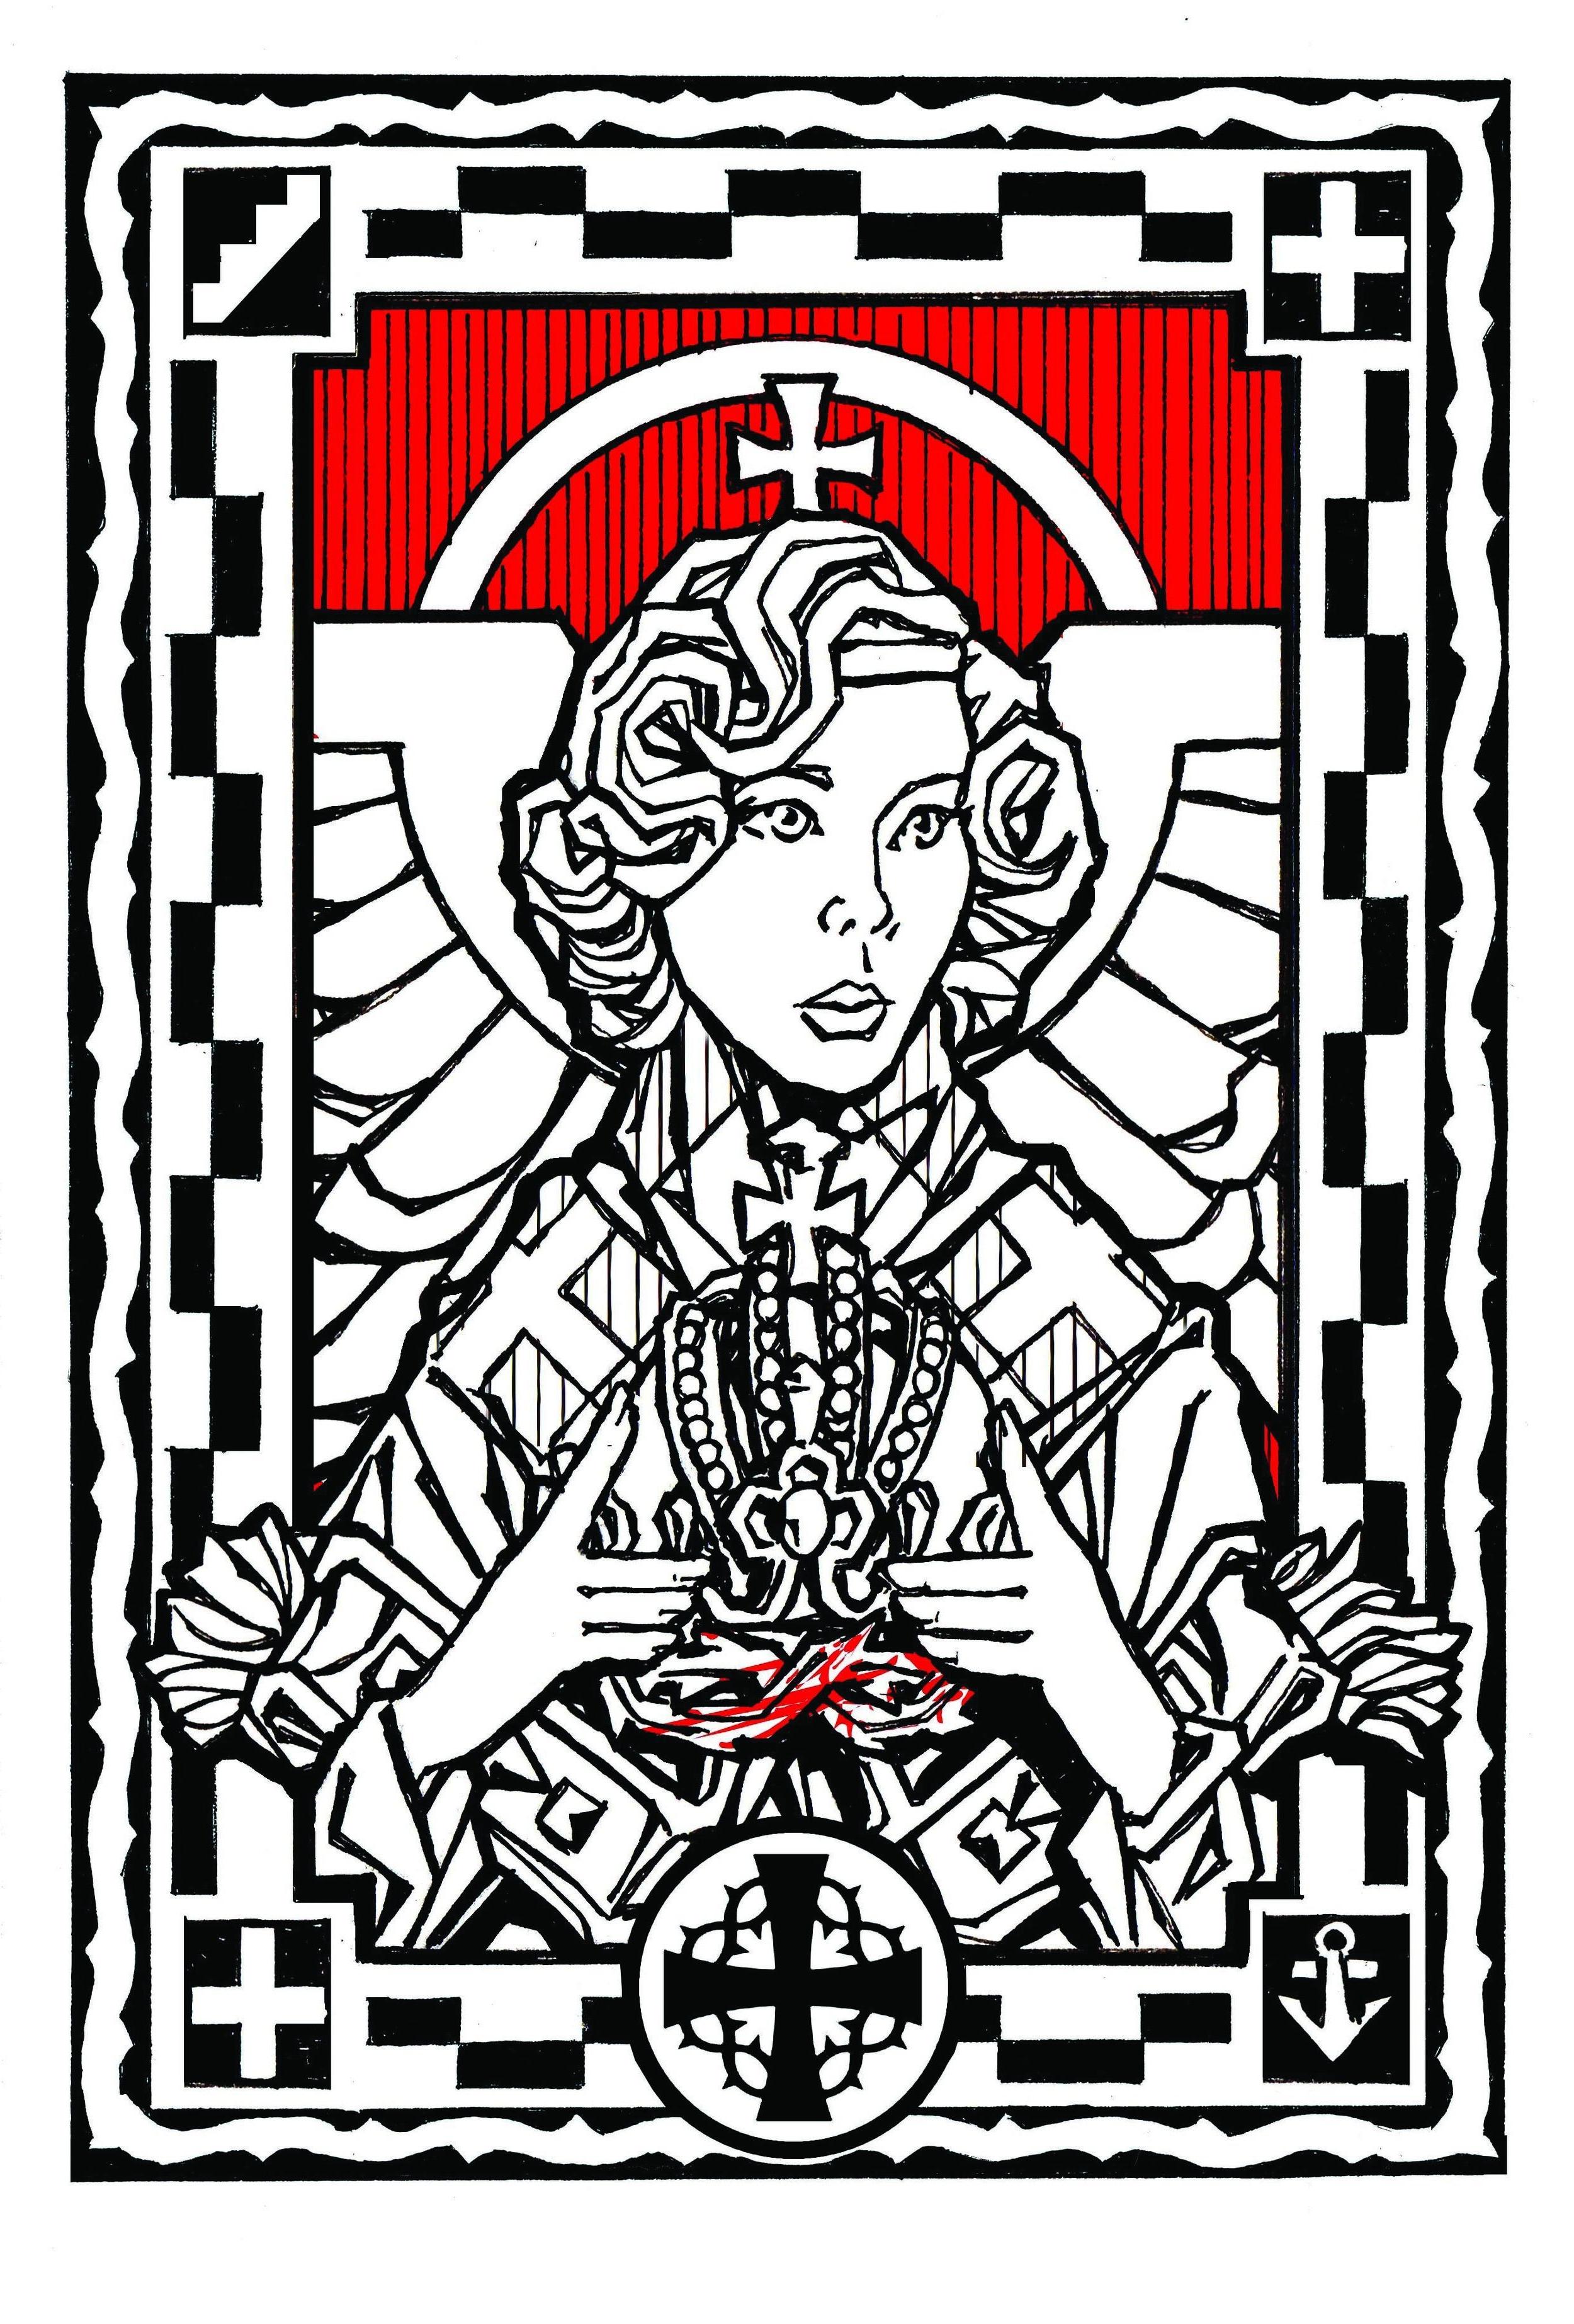 Angel Bearing Austria's Imperial Crown